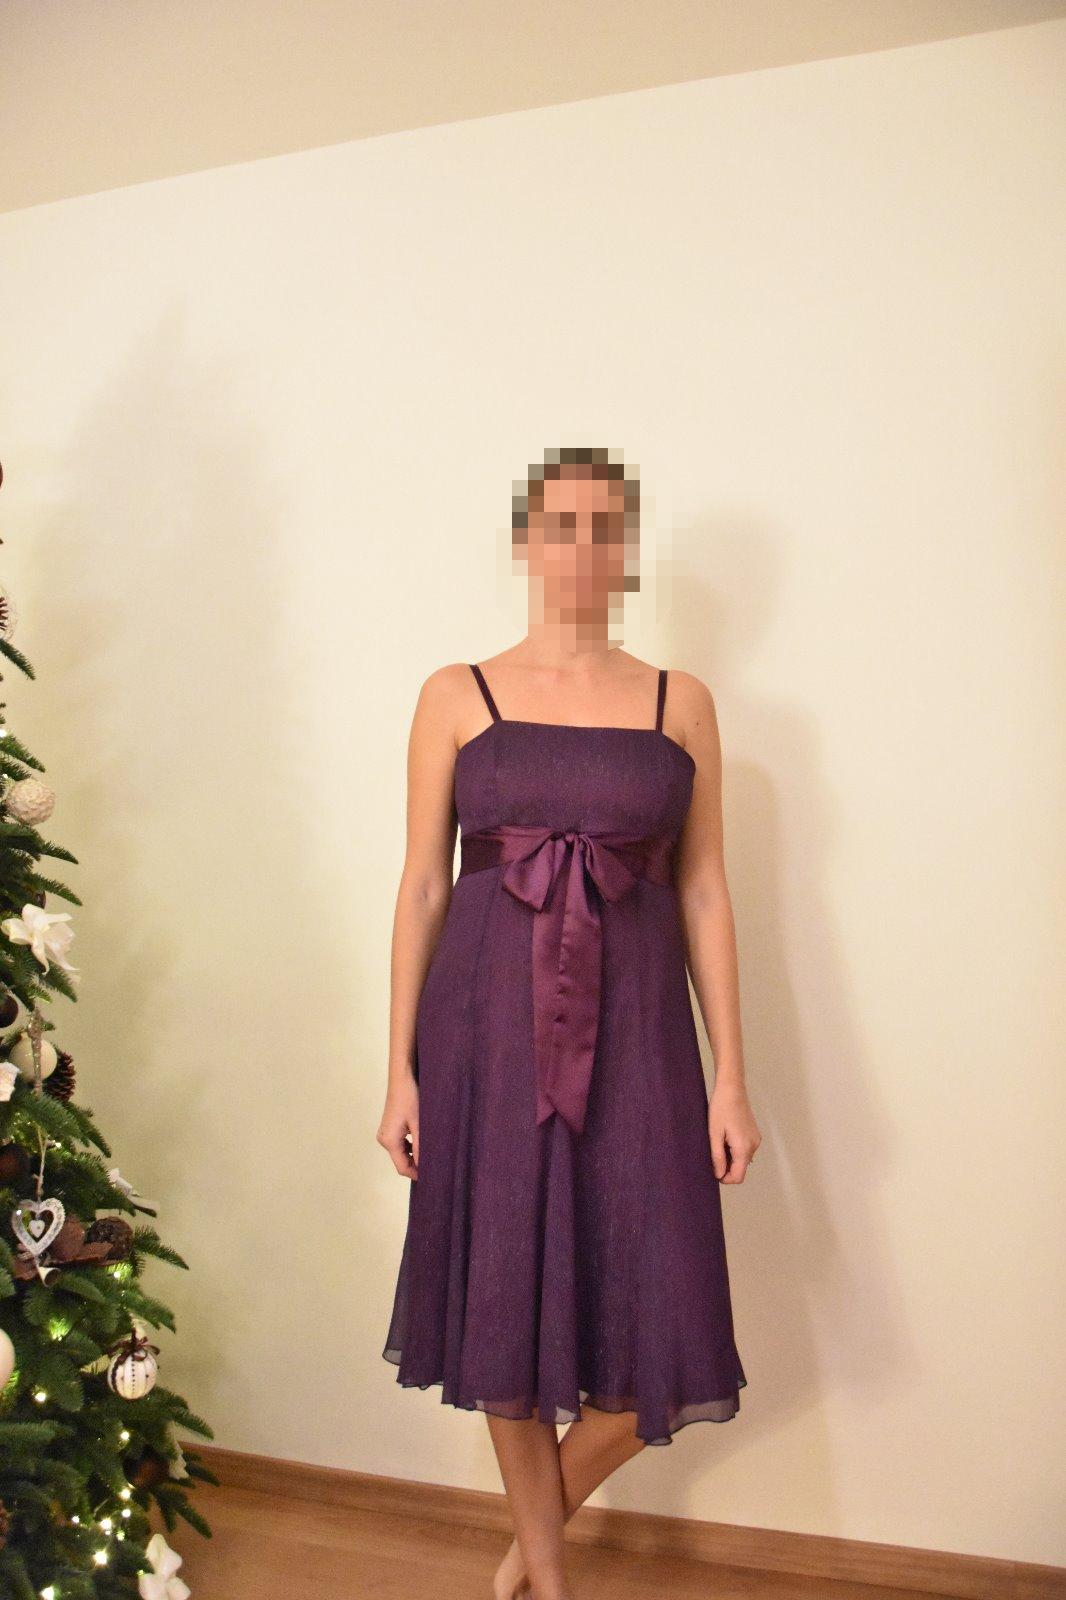 fe2ec8aeede69 Spoločenské šaty fialové, veľkosť xl (